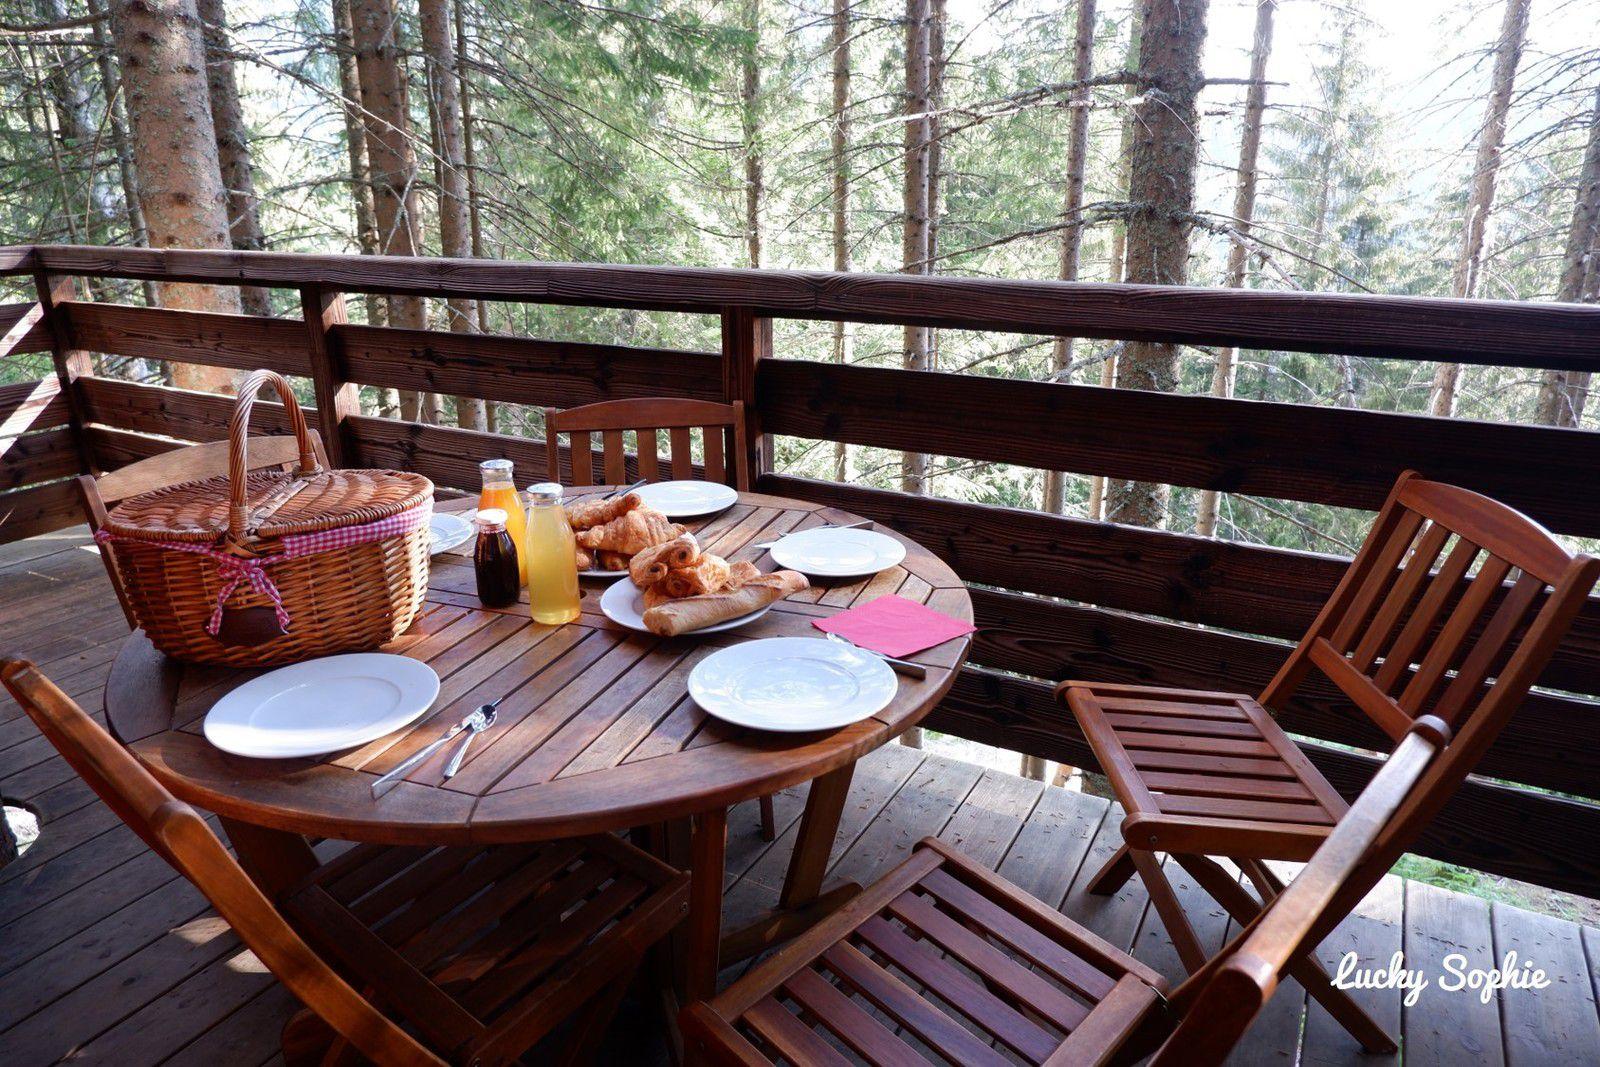 Mettre les pieds sous la table pour un petit déjeuner dans les arbres, je valide comme idée cadeau !